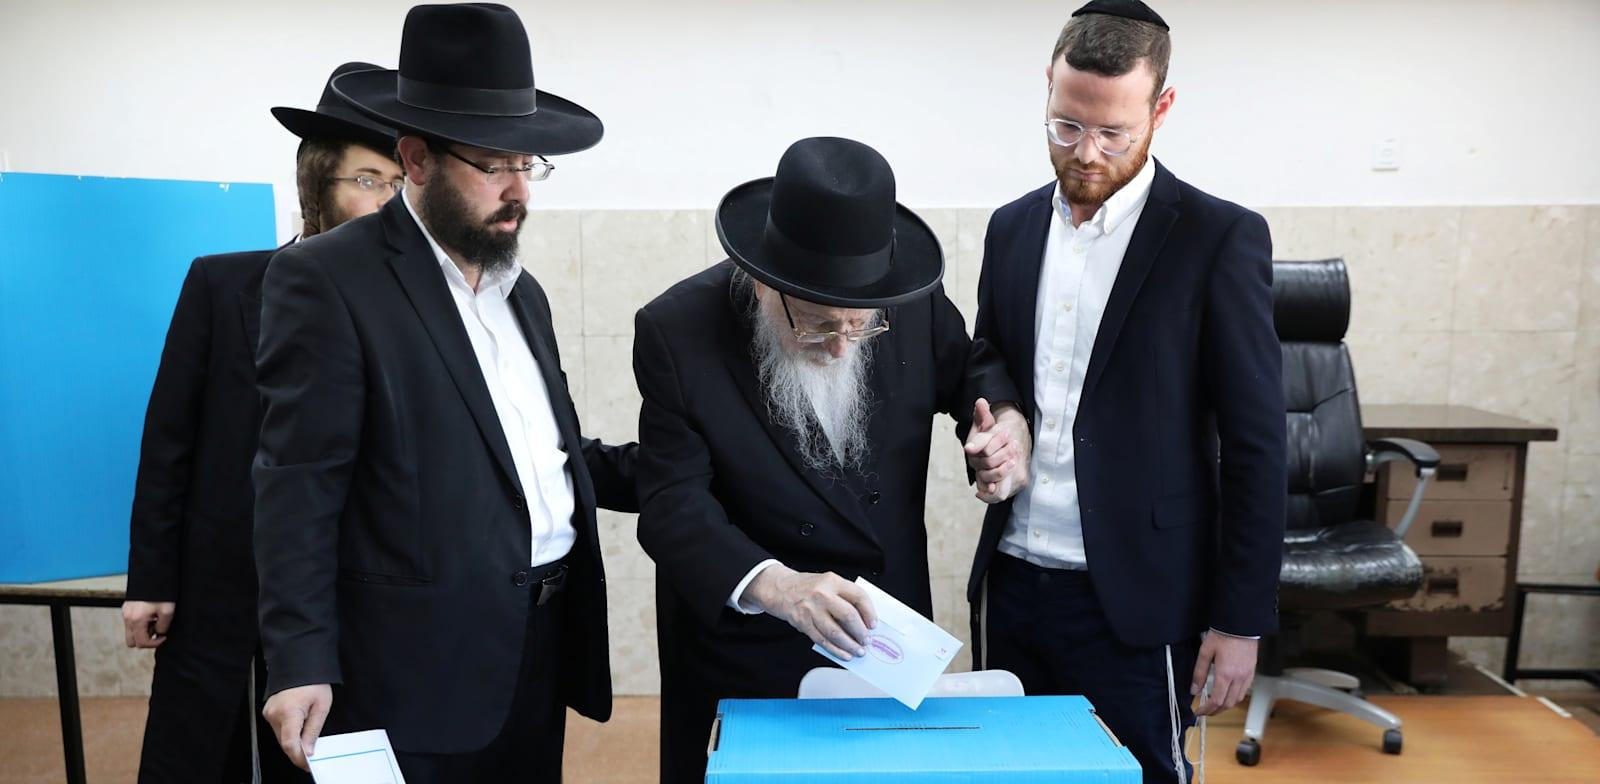 צעירים מהחברה החרדית עוזרים למבוגר להצביע בקלפי במאה שערים